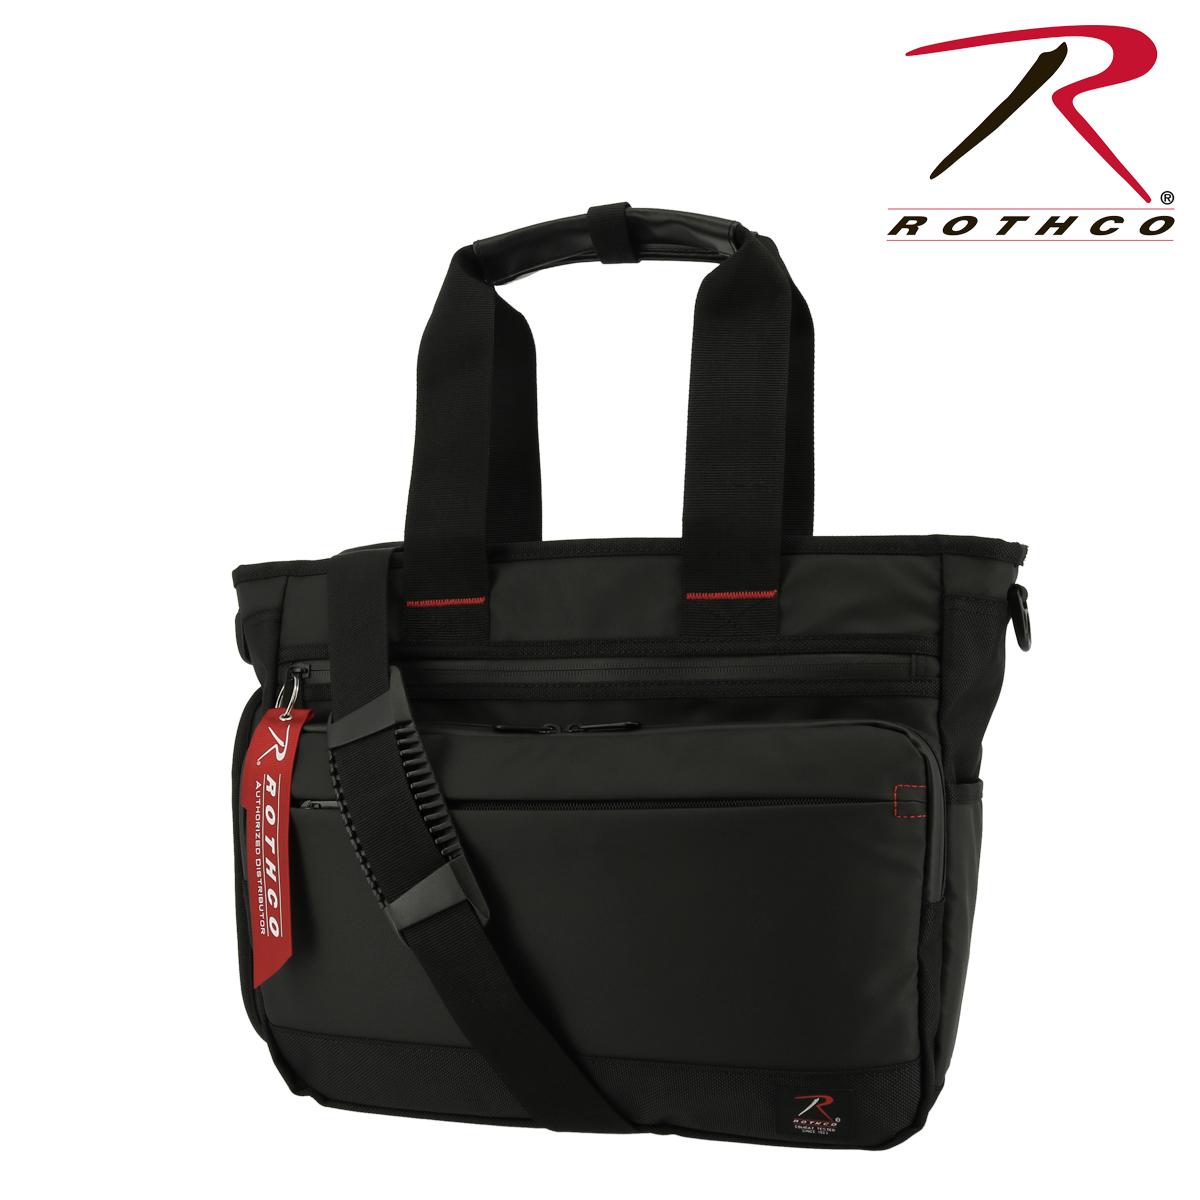 ロスコ トートバッグ B4 2WAY PROTECTION メンズ 45010 ROTHCO | ビジネストート ビジネスバッグ キャリーオン[PO10]